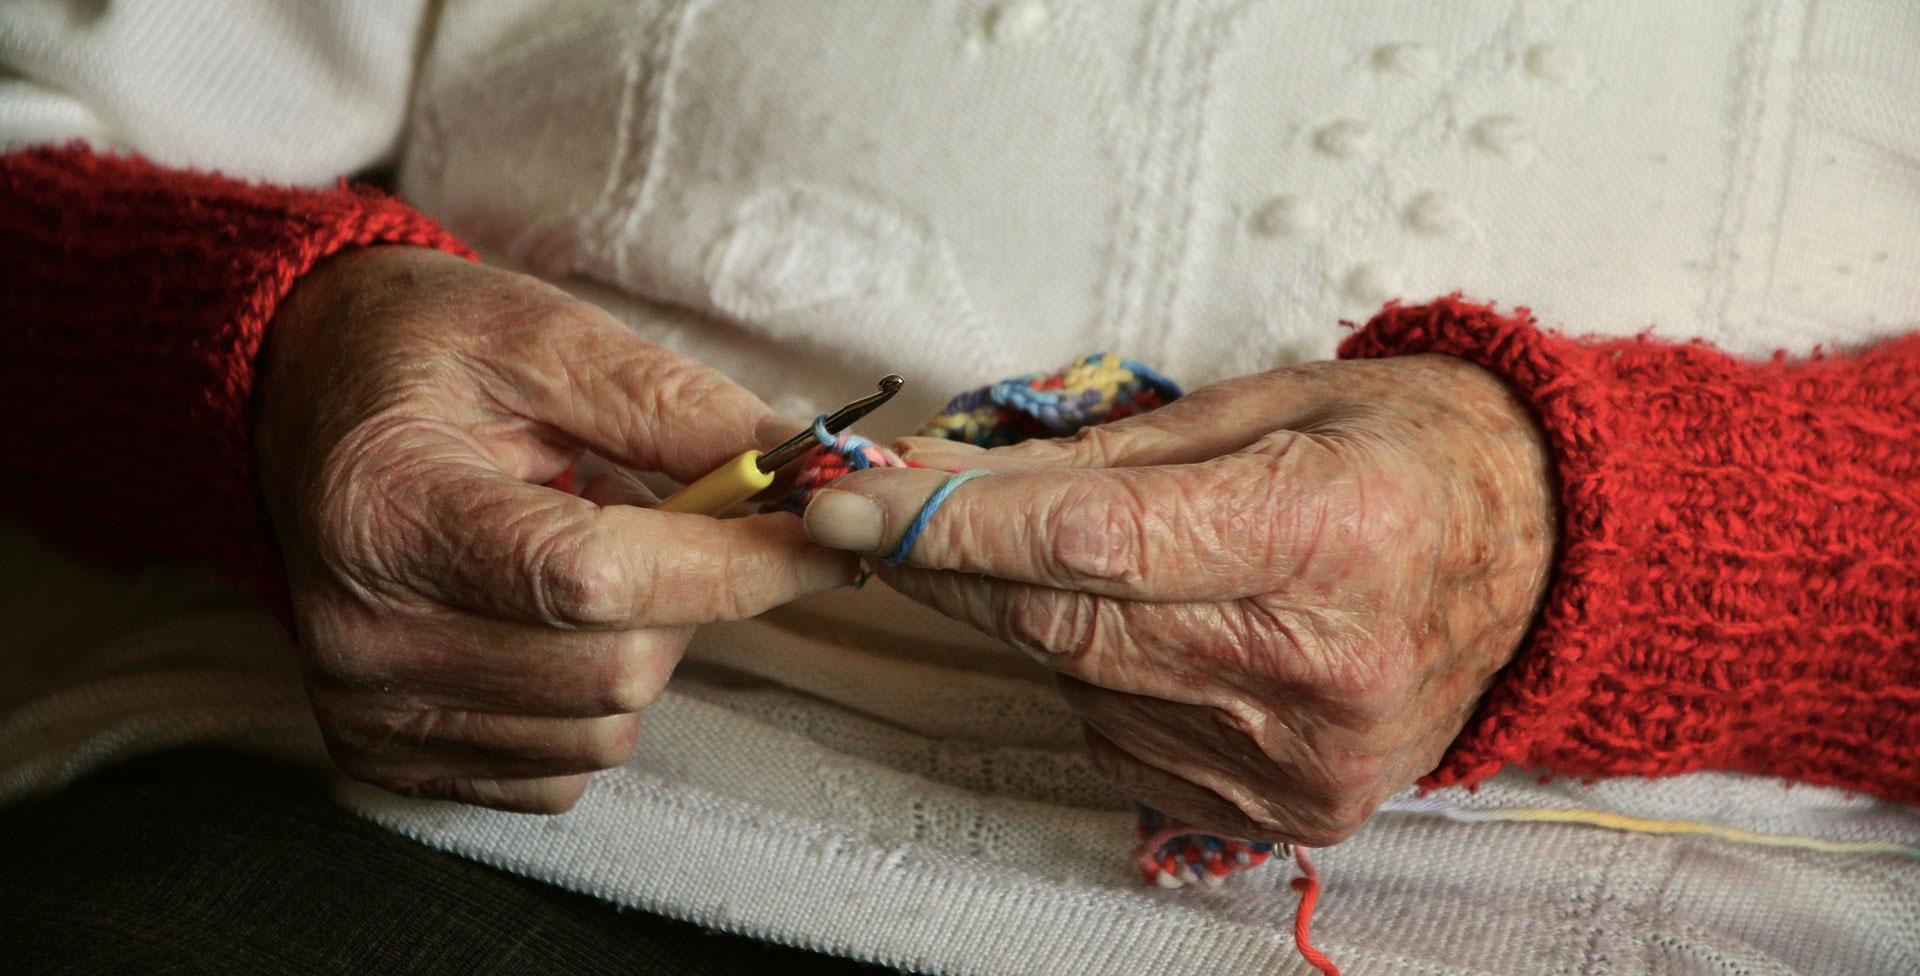 Anziani, una risorsa per tutta la società - Gruppo Votto Alessi